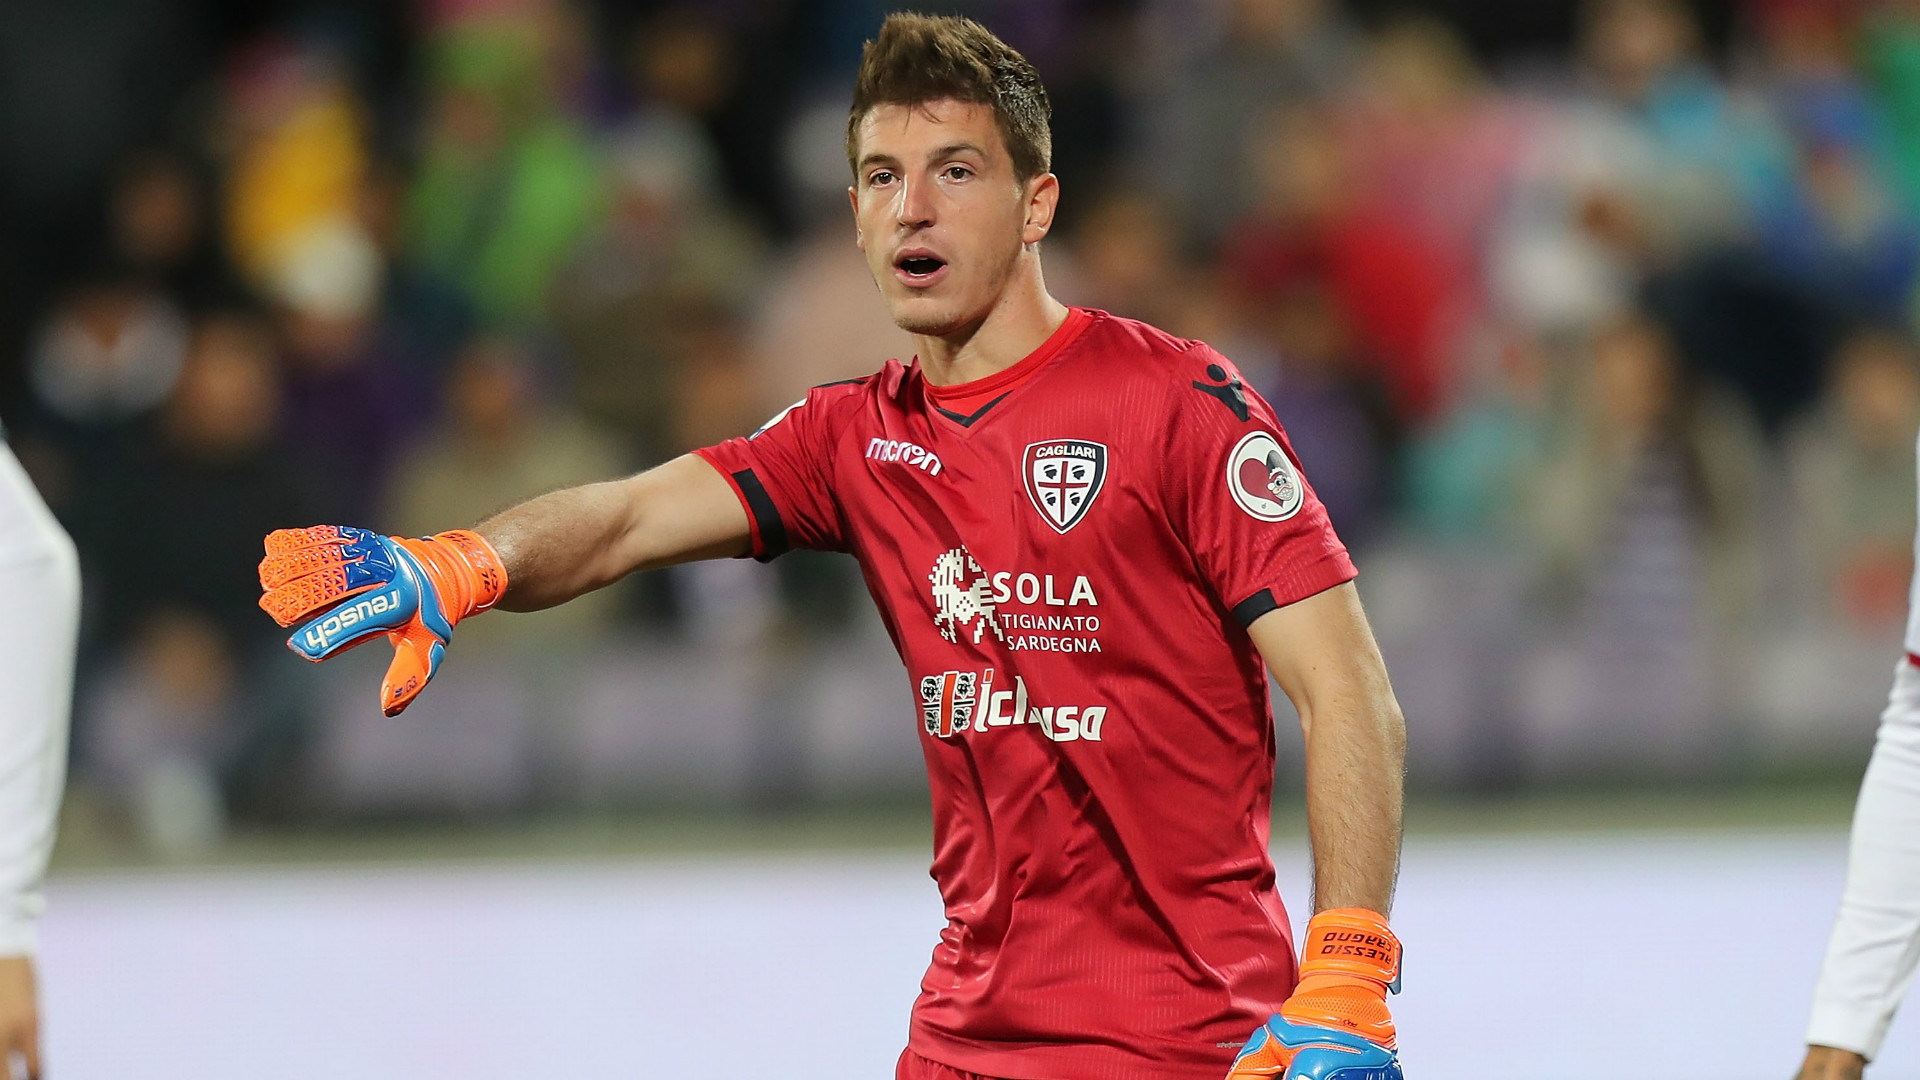 Cragno finirà all'Inter?